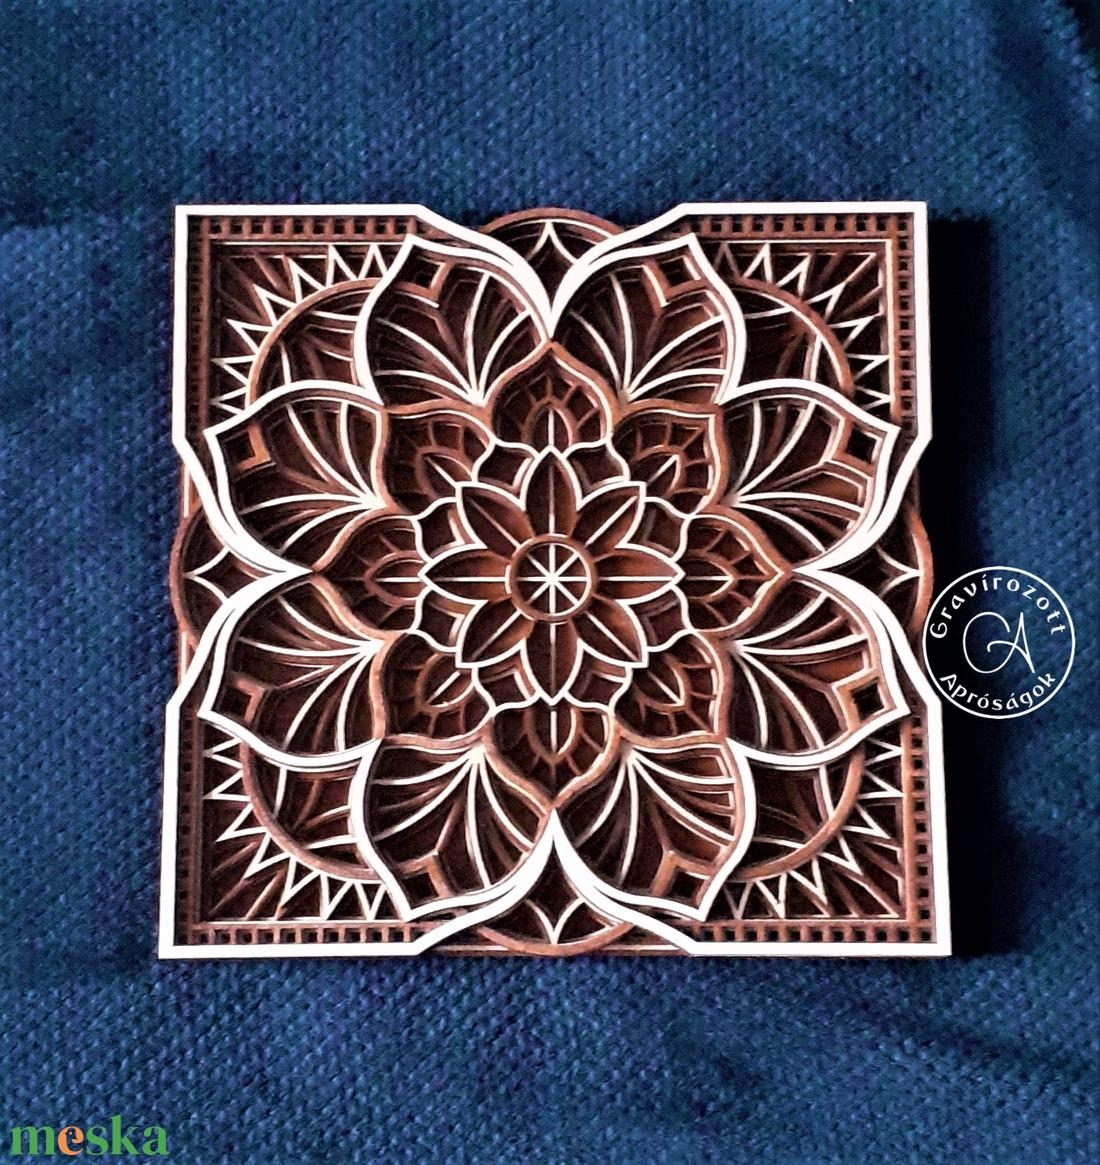 Virágos mandala négyzet formába foglalva 35x35 cm méretben - otthon & lakás - dekoráció - mandala - Meska.hu